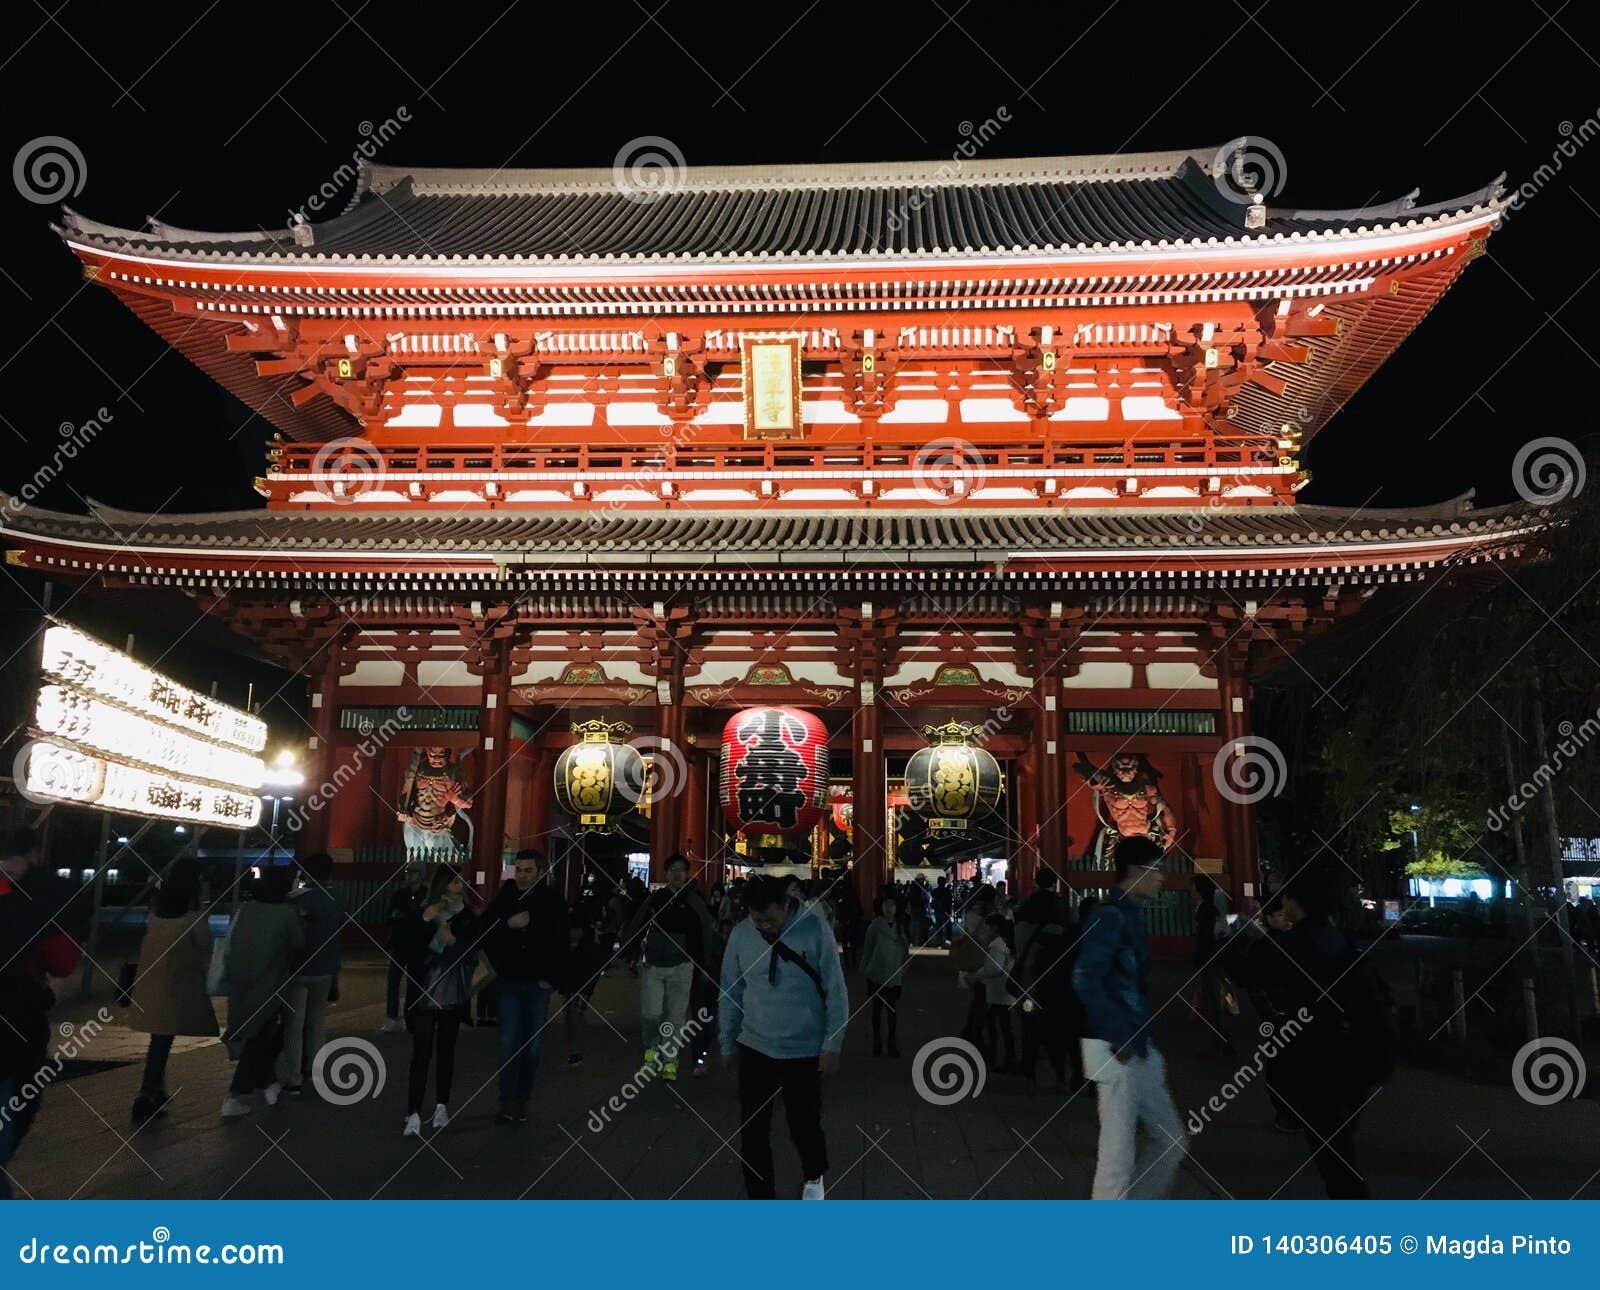 Asakusa Kannon Temple